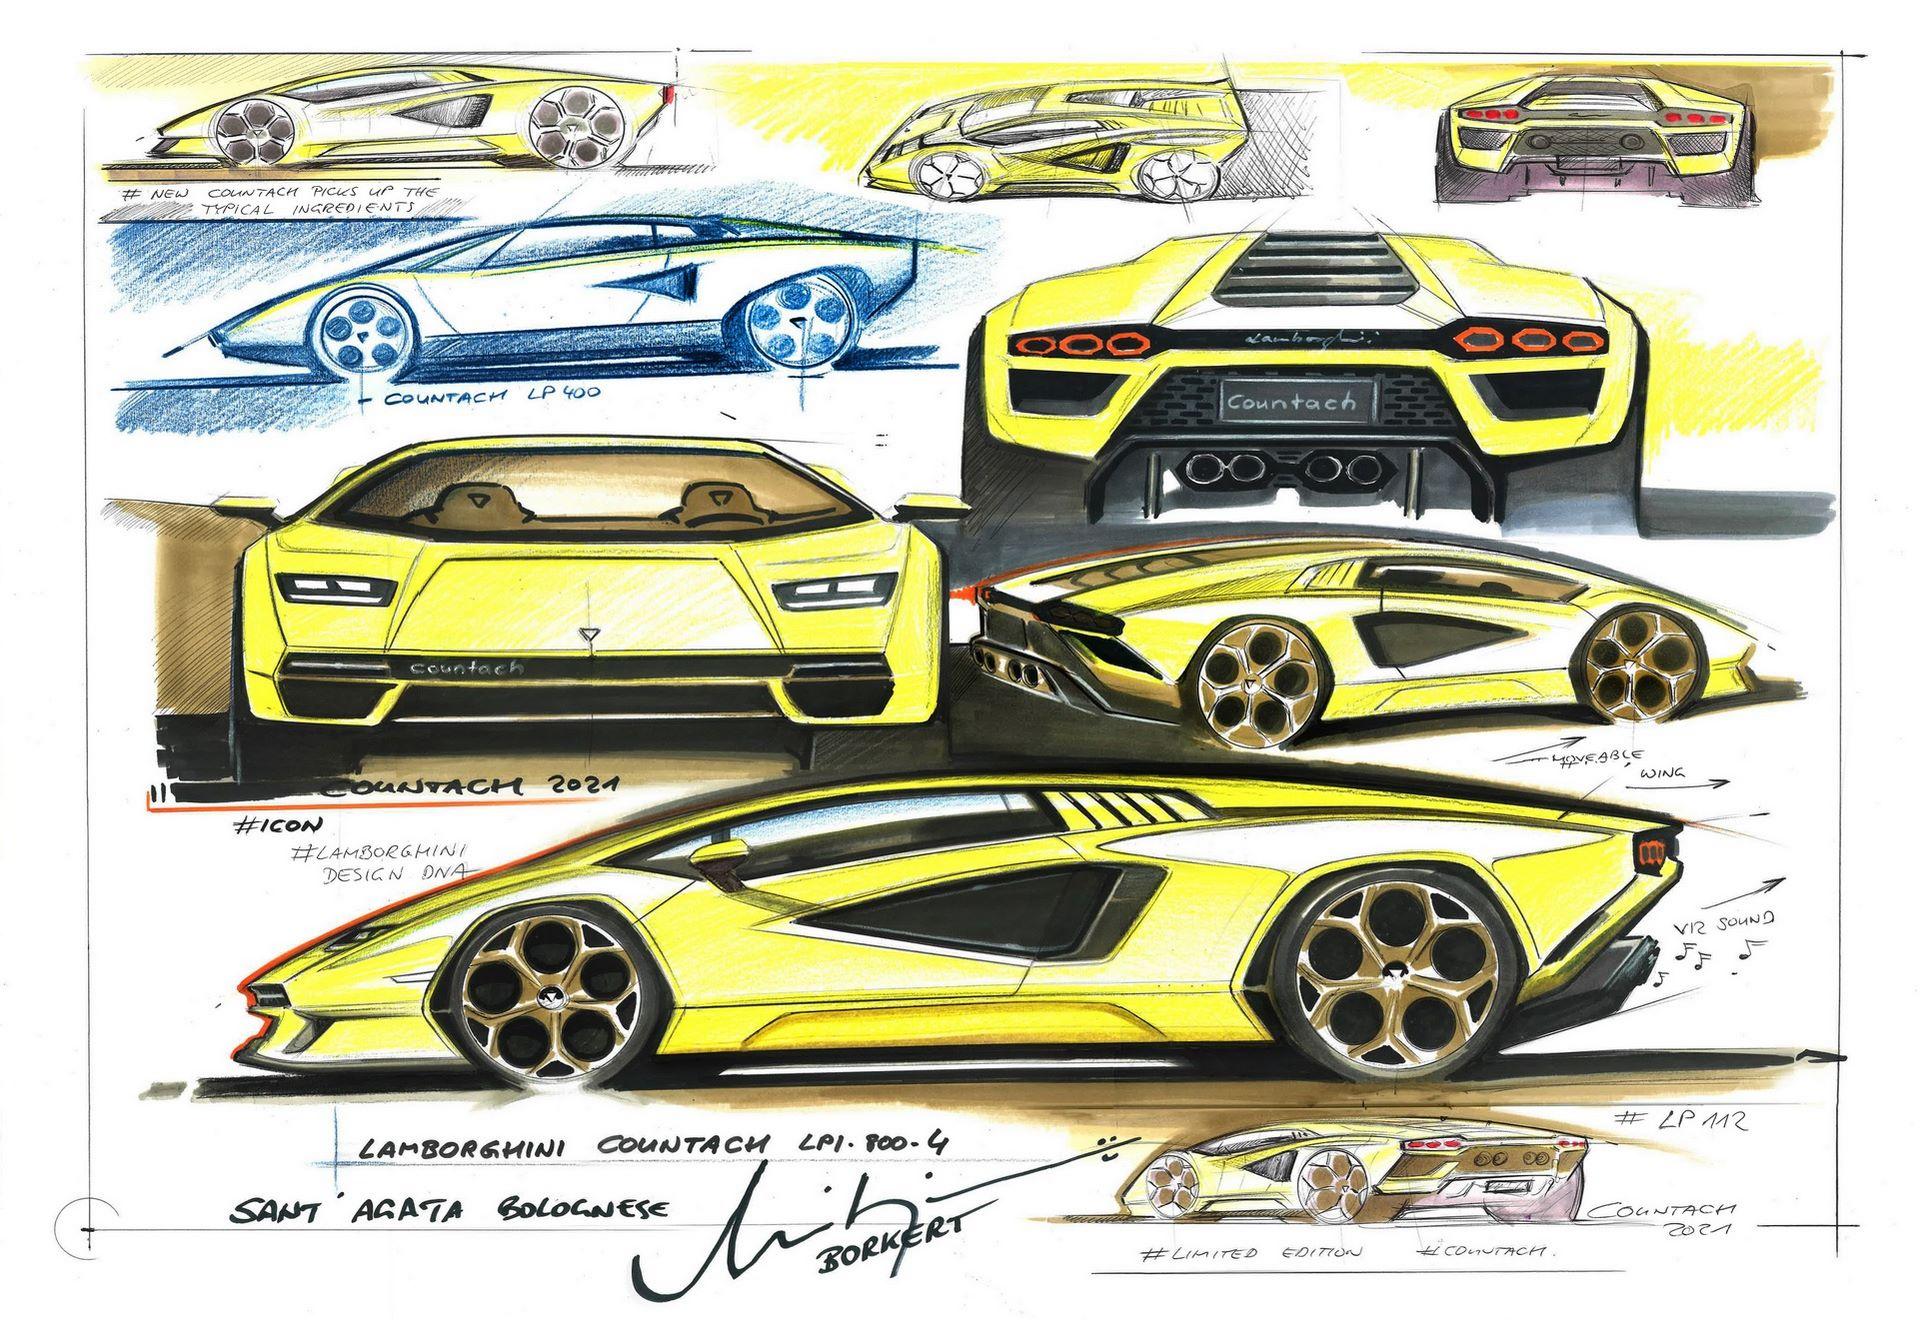 Lamborghini-Countach-LPI-800-4-104